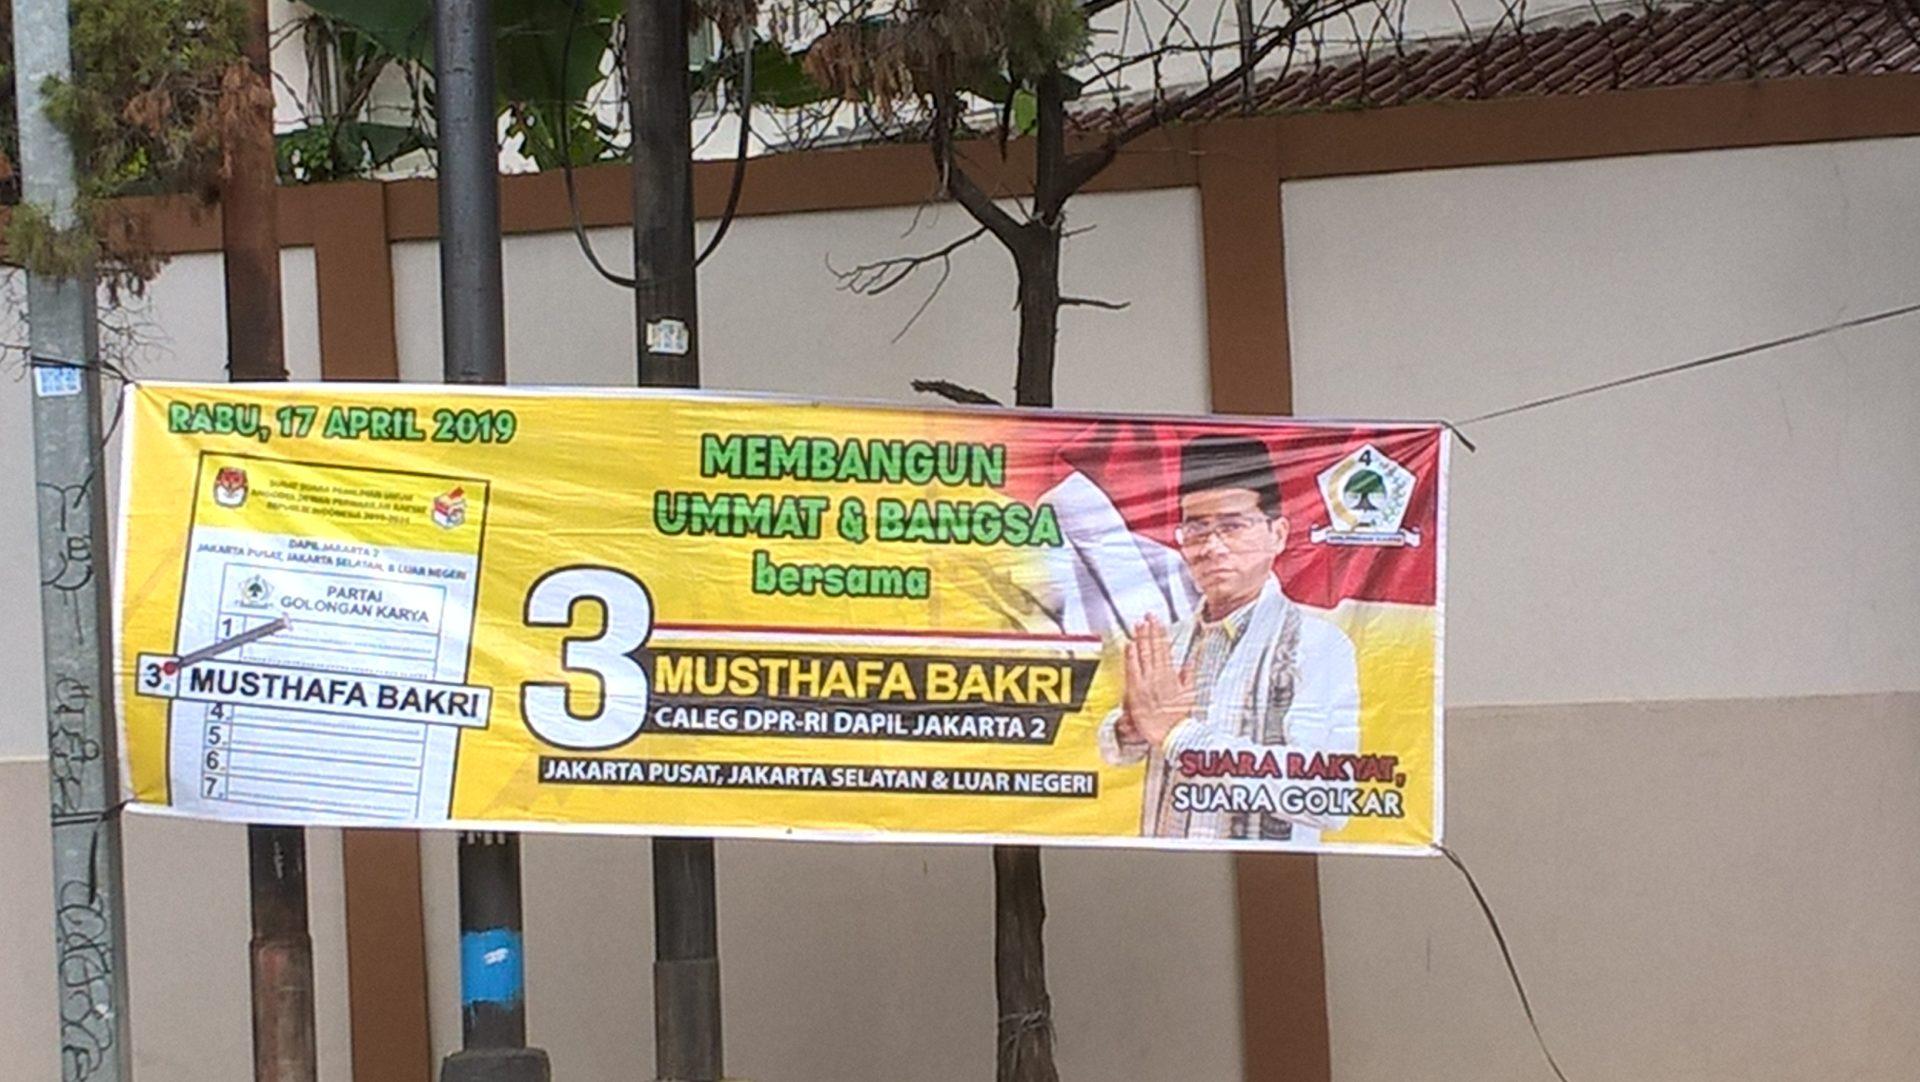 Auch Kandidat*innen aus Jokowis Koalition, die aus nicht-islamischen Parteien kamen, setzten auf eine ähnliche Symbolik. Ein Kandidat der als säkular geltenden Golkar beispielsweise warb damit, die islamische Gemeinschaft (umat) und das Volk (bangsa) voranzubringen und präsentierte sich in islamischer Kleidung. © Timo Duile